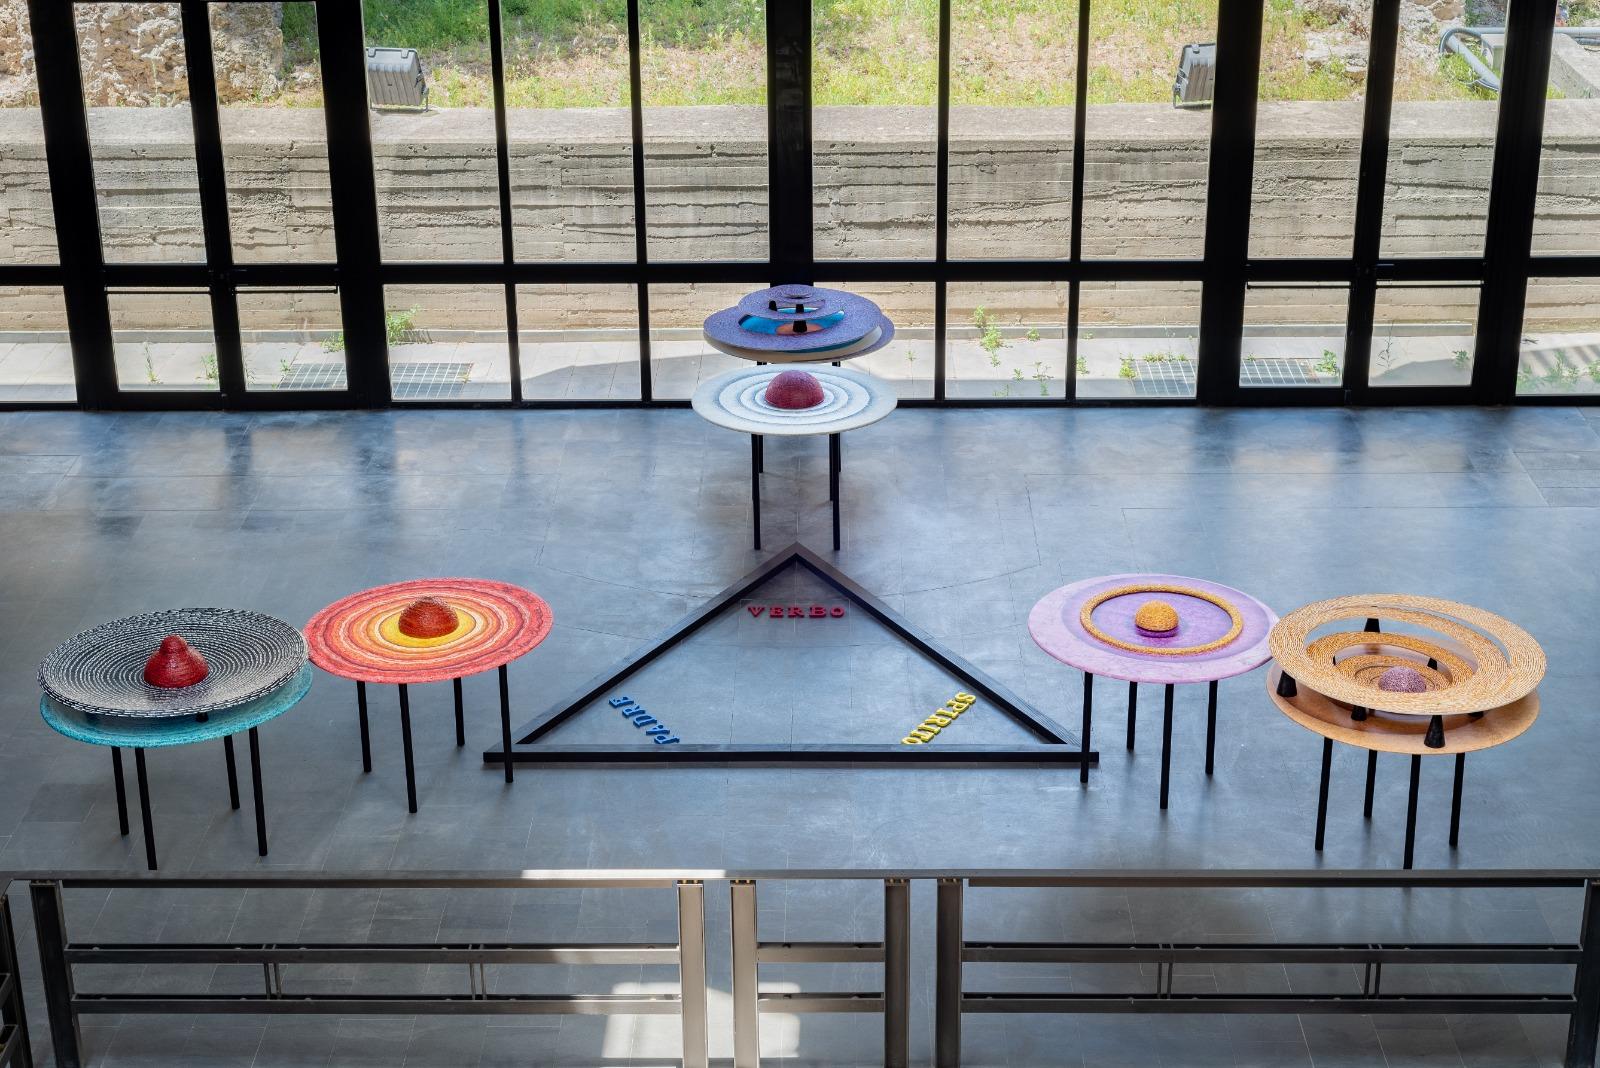 Inedito visivo dell'artista Rosario Genovese composto da sei tavolini con colori e materiali differenti posti ai vertici di un triangolo, a terra, dal perimetro nero, all'interno dei cui vertici vi sono le scritte verbo, madre, spirito.